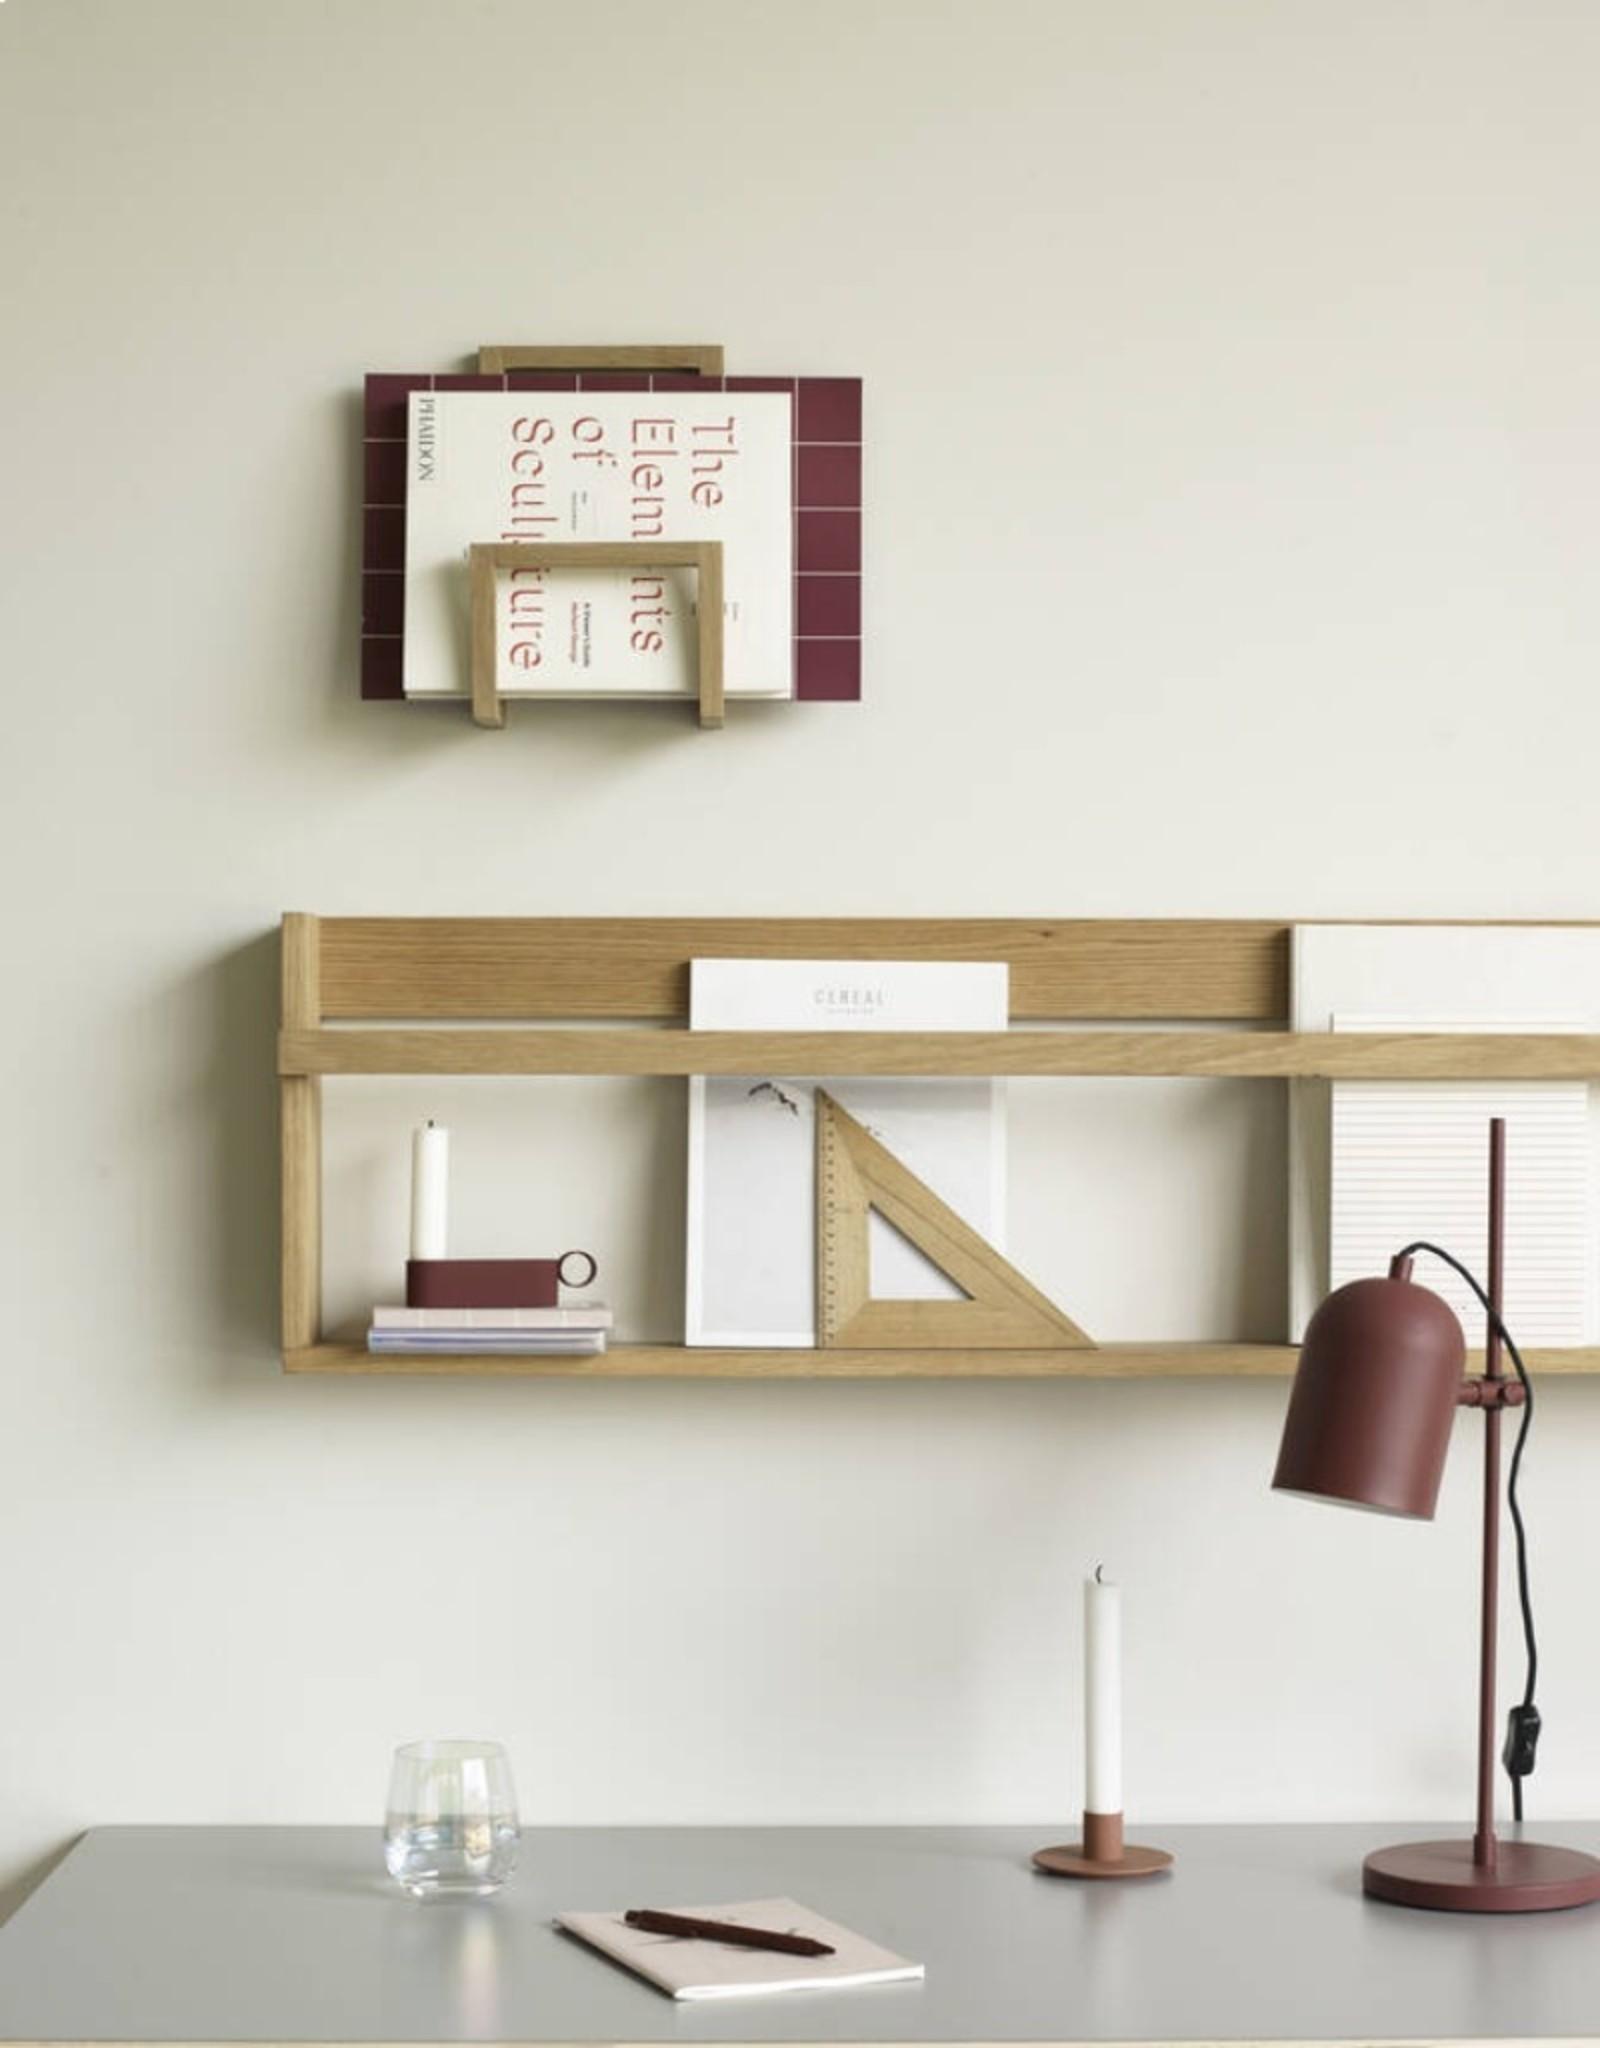 Hübsch Hübsch Magazine holder for wall, oak, 17x10xh27cm